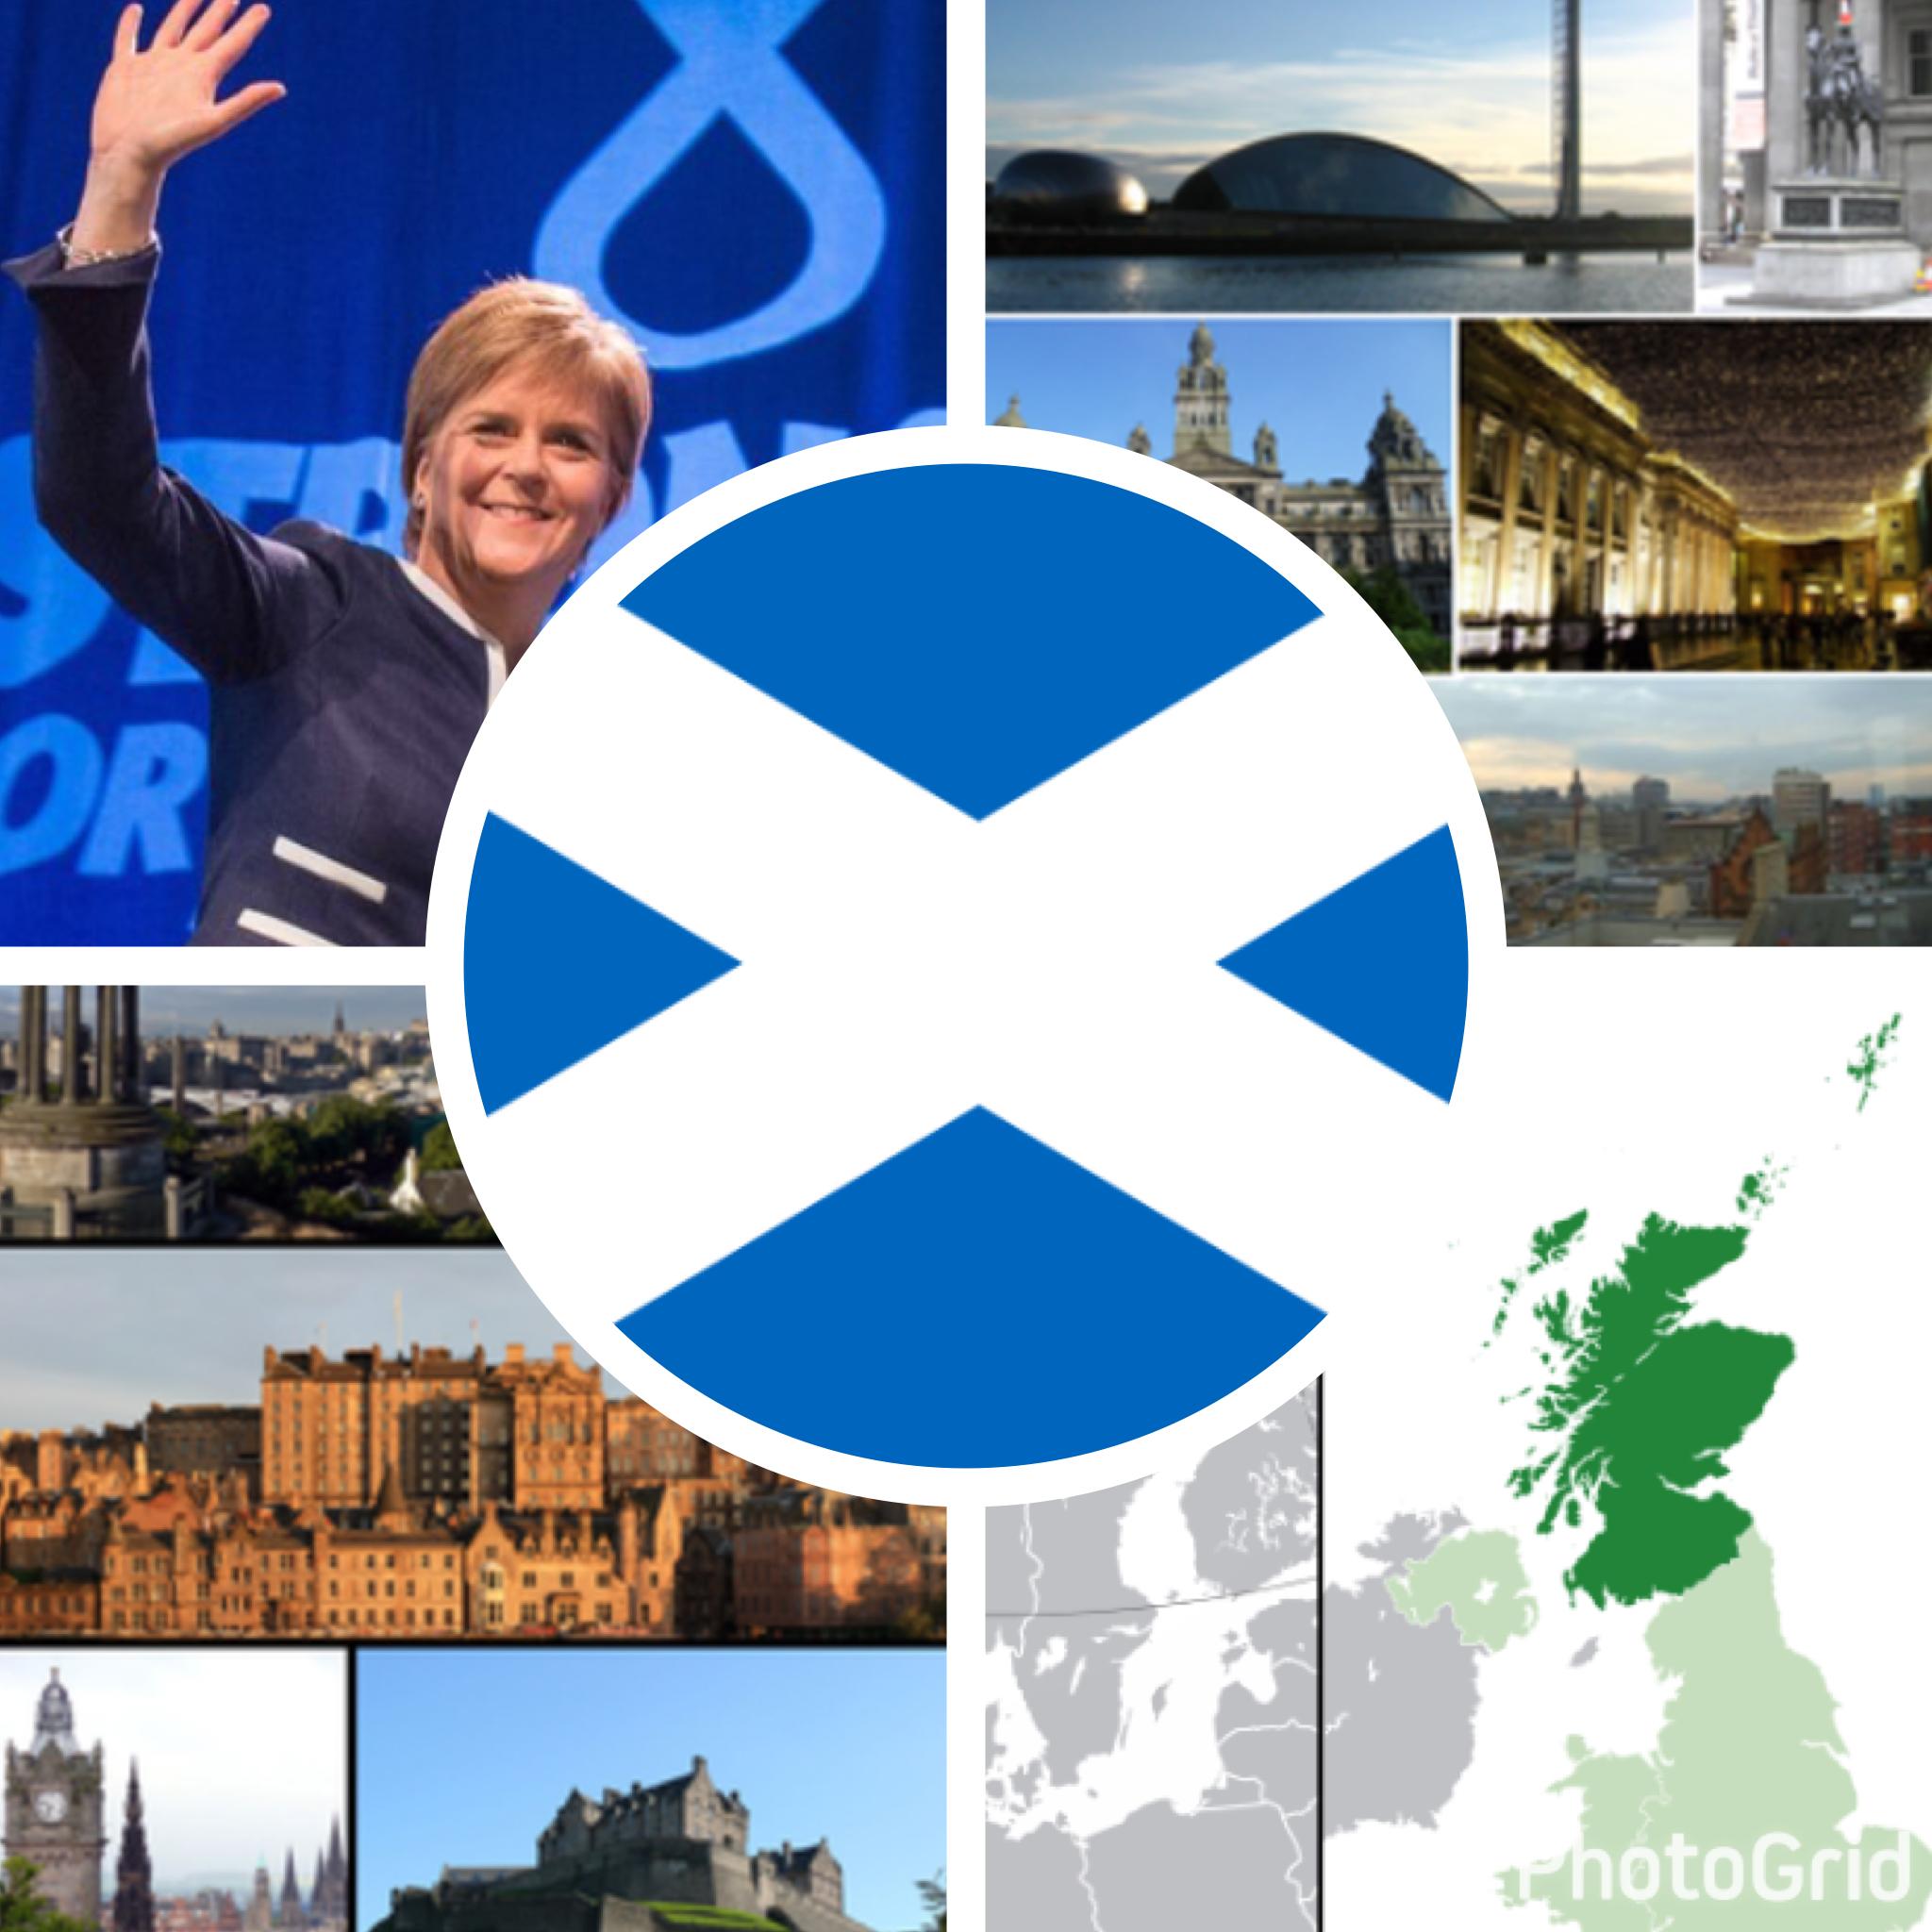 スコットランド、英国からの独立の是非を問う2度目の住民投票へ